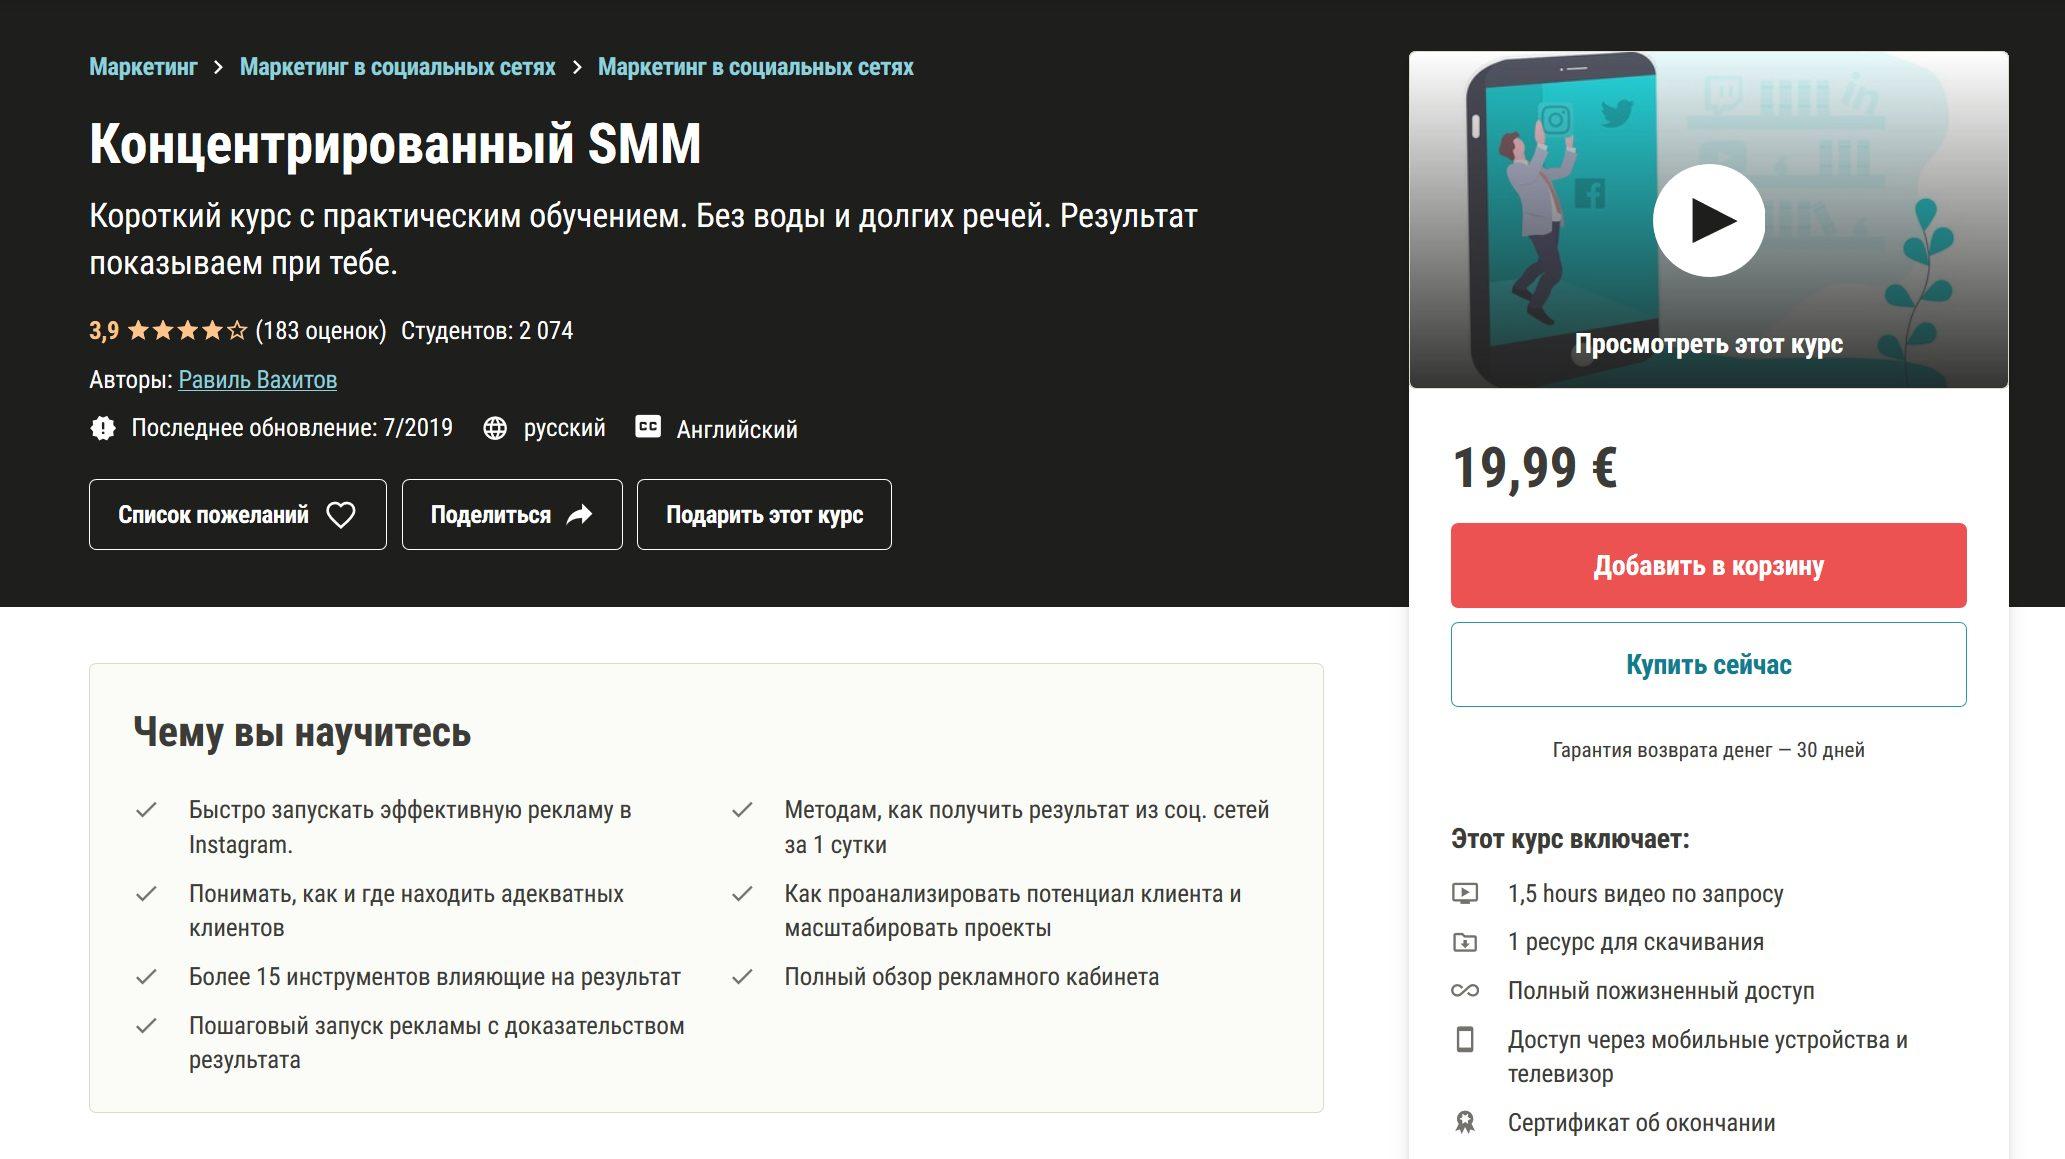 Концентрированный SMM от Udem